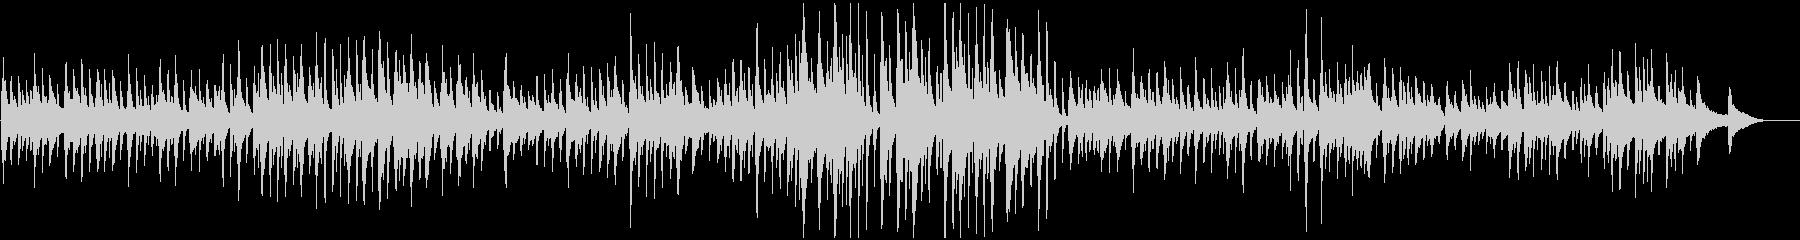 ギターアンサンブル・ゆっくり静か・切ないの未再生の波形